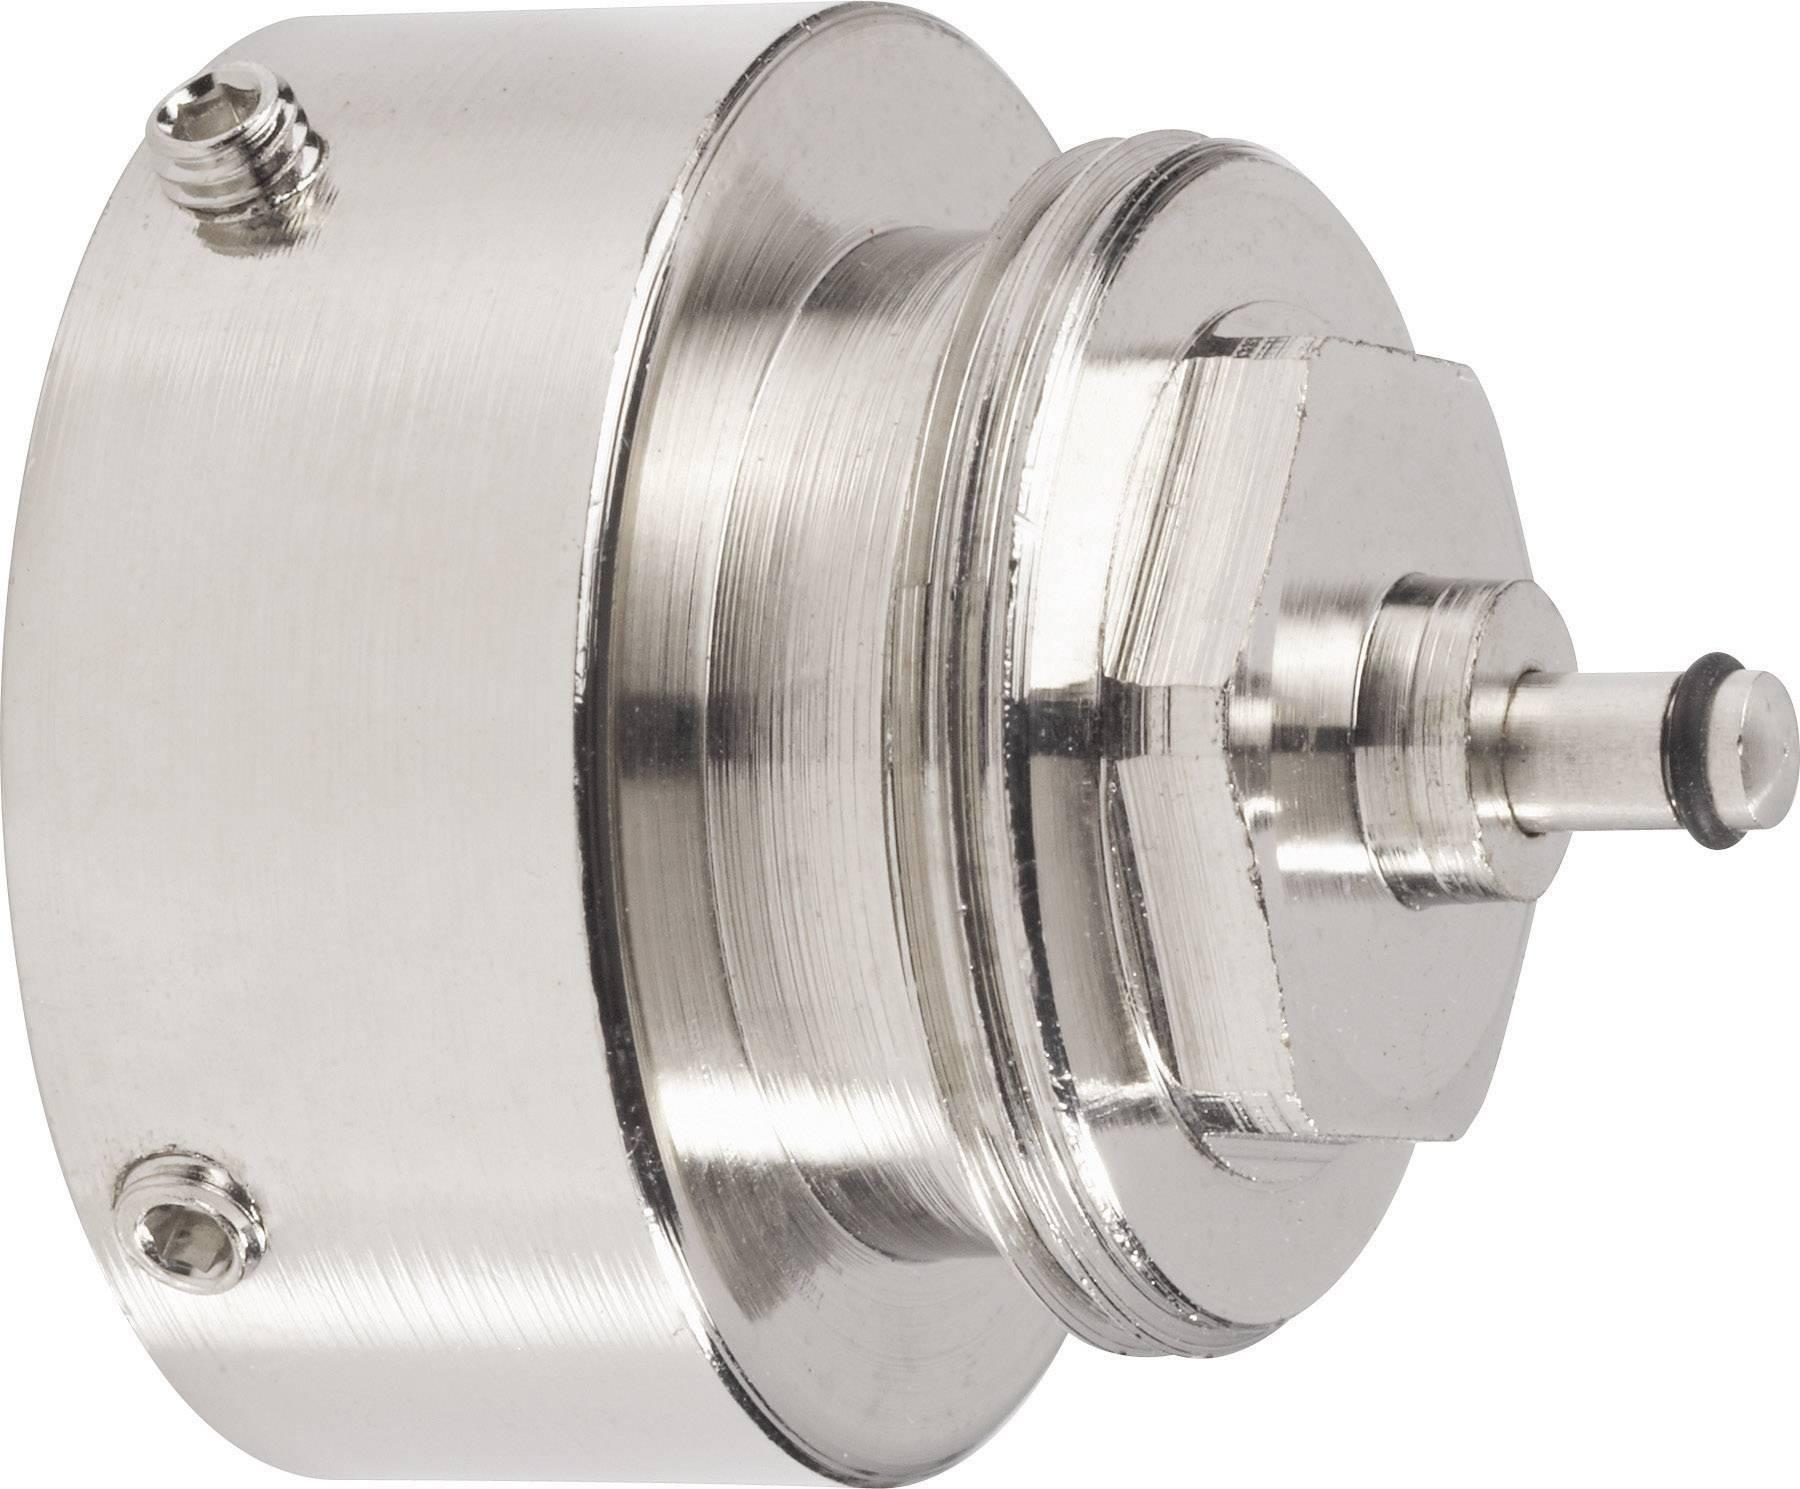 Mosazný adaptér termostatického ventilu Vaillant 700 100 001 vhodný pro topné těleso Vaillant, 30,5 mm